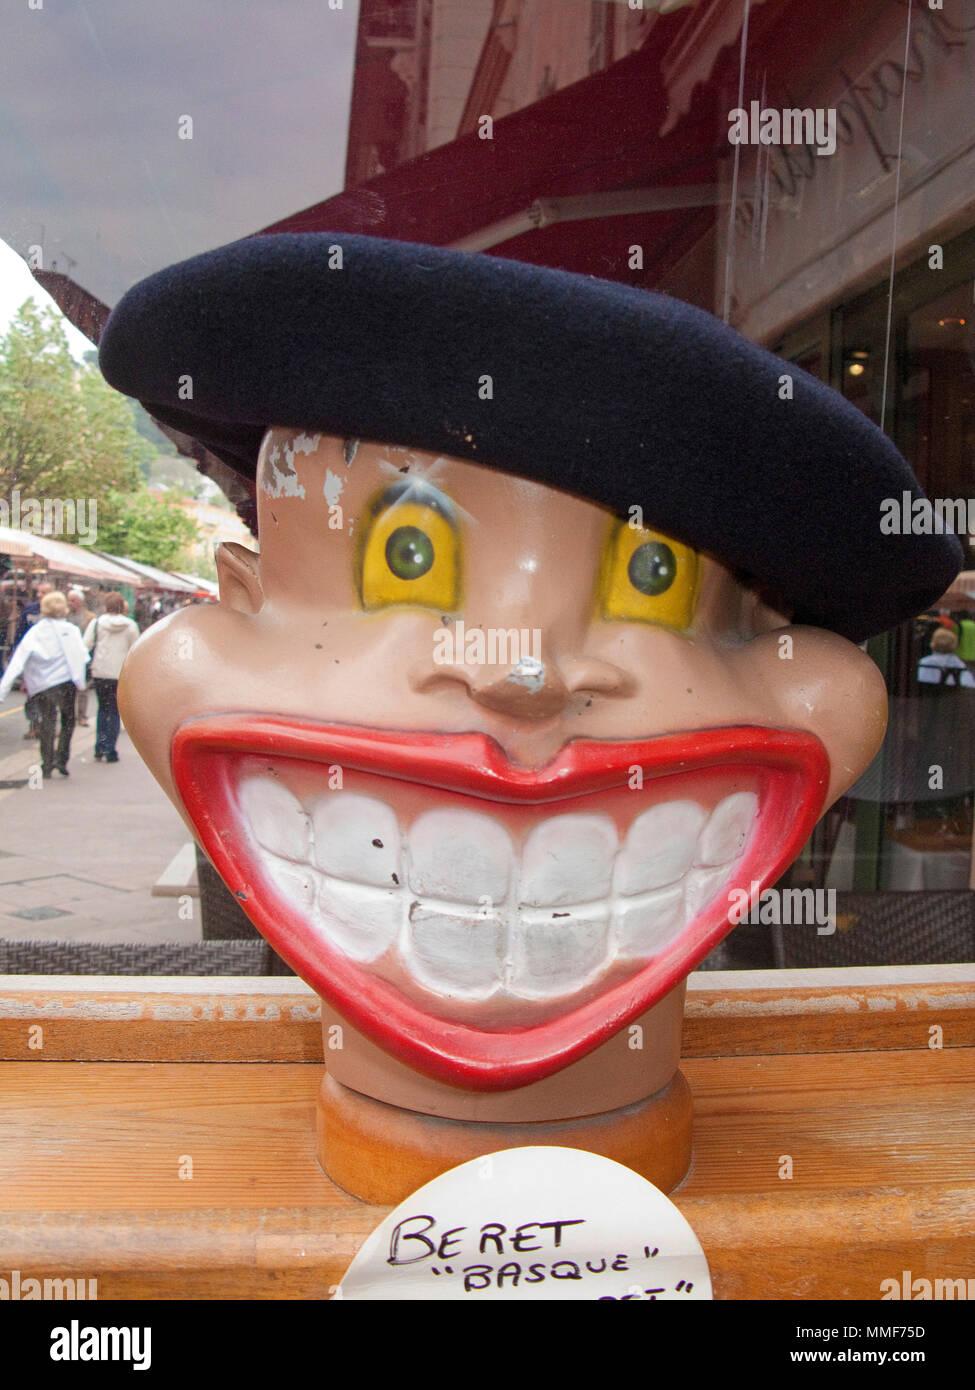 Beret Basque, Barett auf ein lächelndes komischen Kopf, Cours Saleya, Nizza, Côte d'Azur, Alpes Maritimes, Südfrankreich, Frankreich, Europa Stockbild